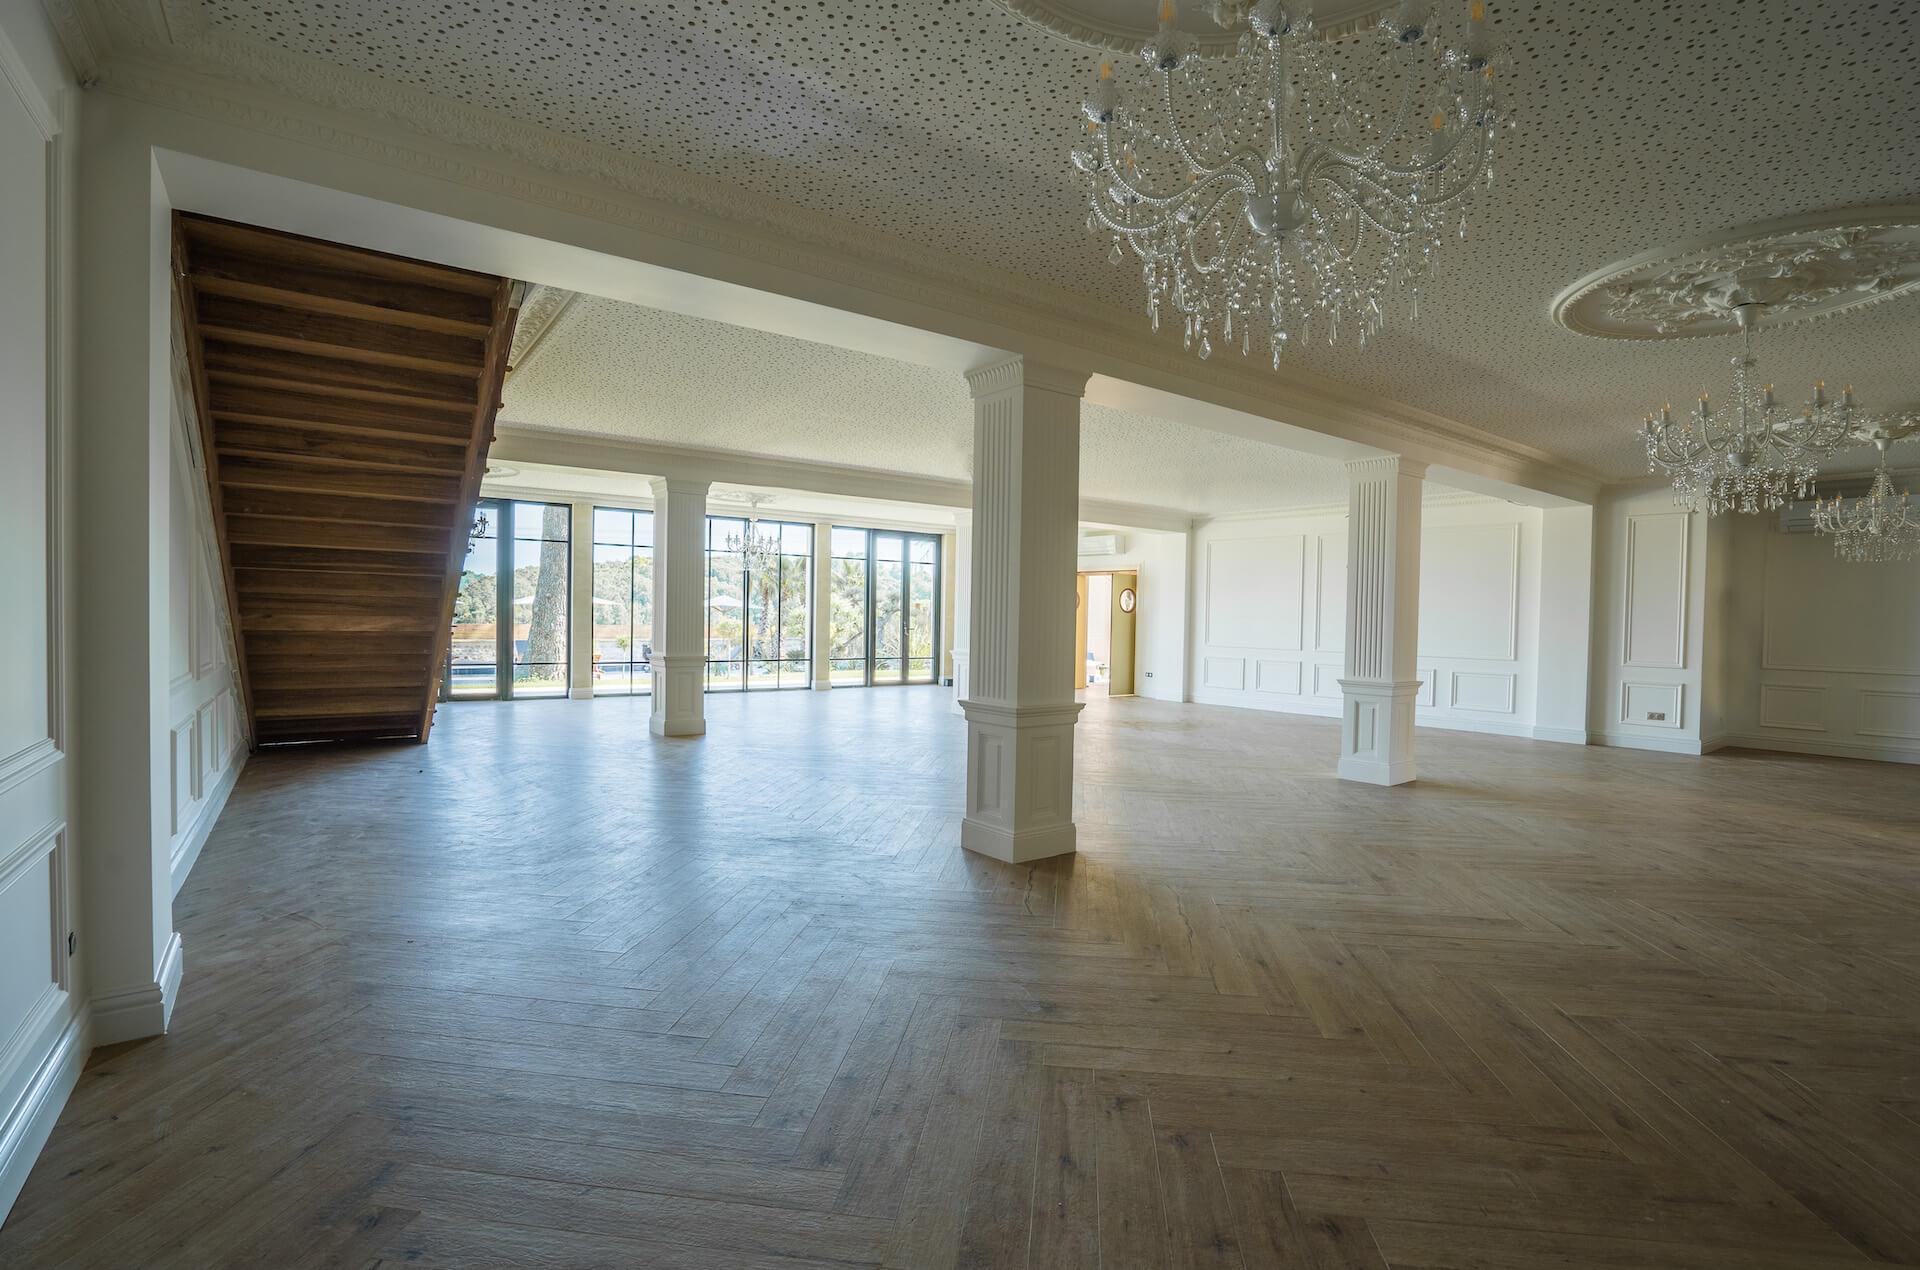 salle de réception - les propriétaires château grand arnaud chambres d'hôtes réception et séminaires bordeaux